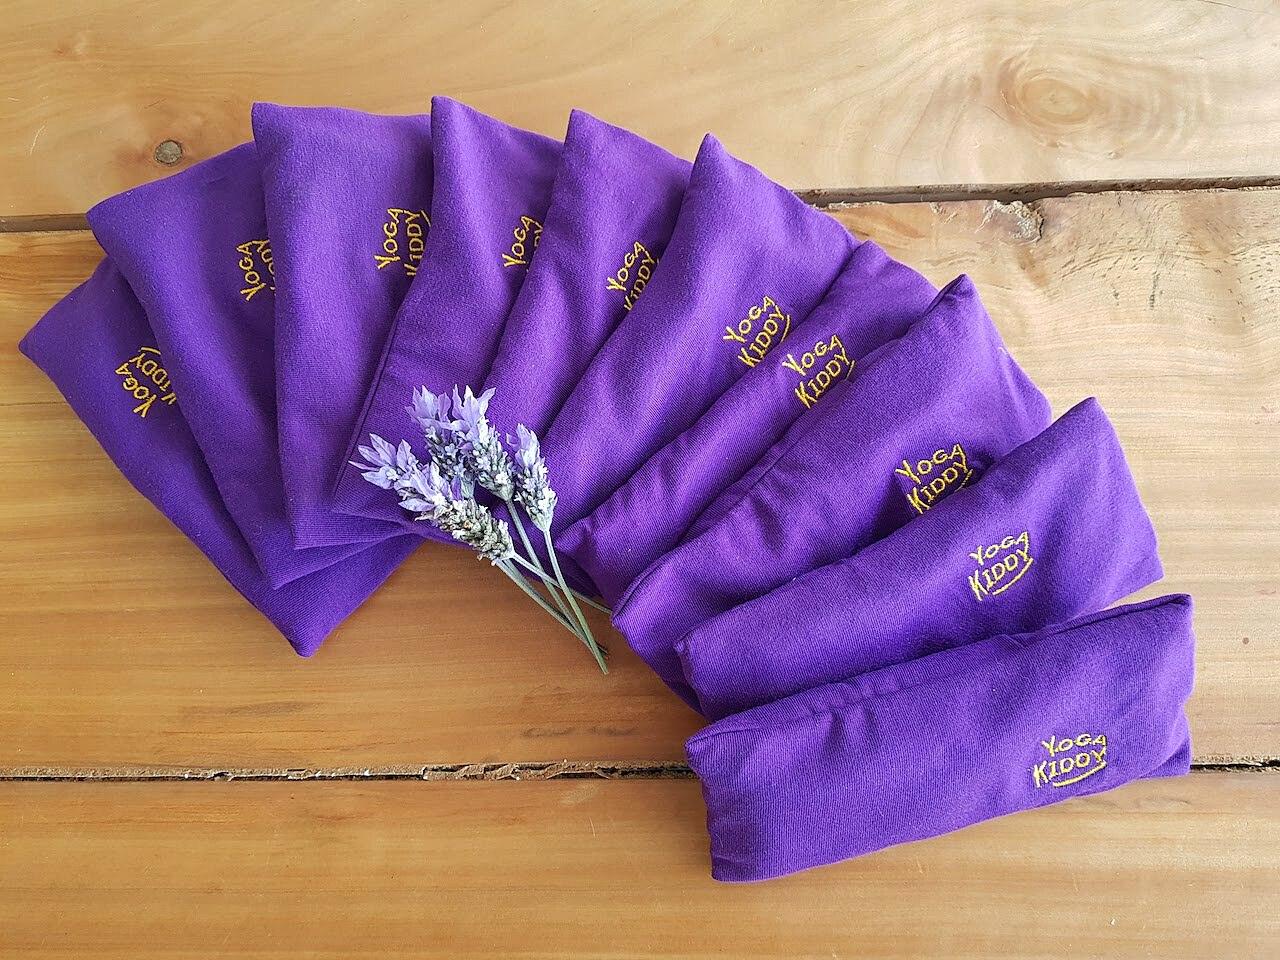 Pack 10 Almohadillas Terapéuticas de Relajación YogaKiddy